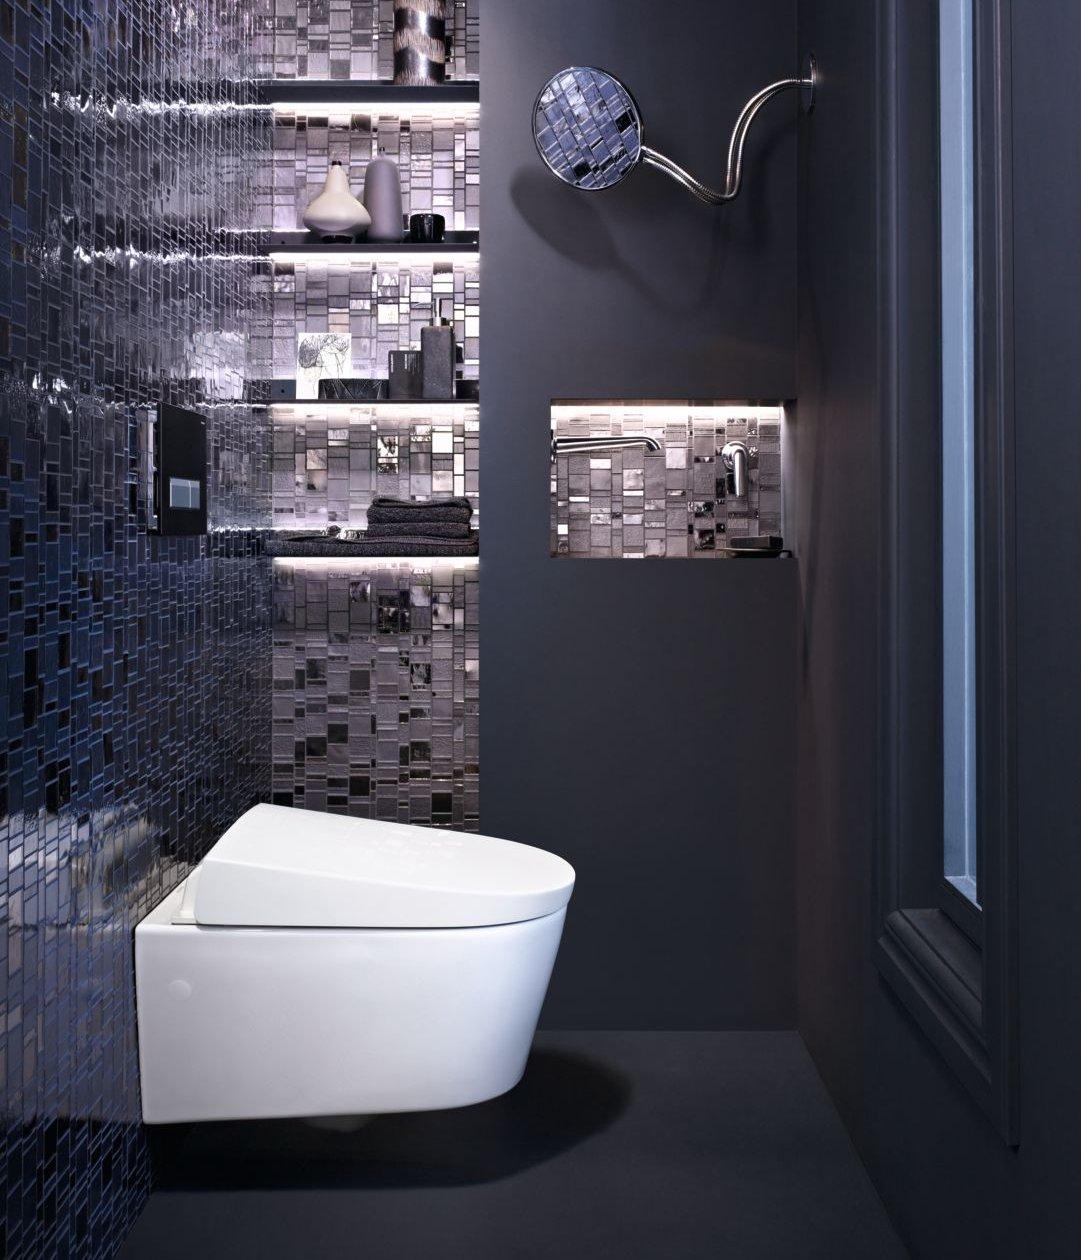 Подвесной унитаз-биде Geberit AquaClean Sela в интерьере ванной комнаты